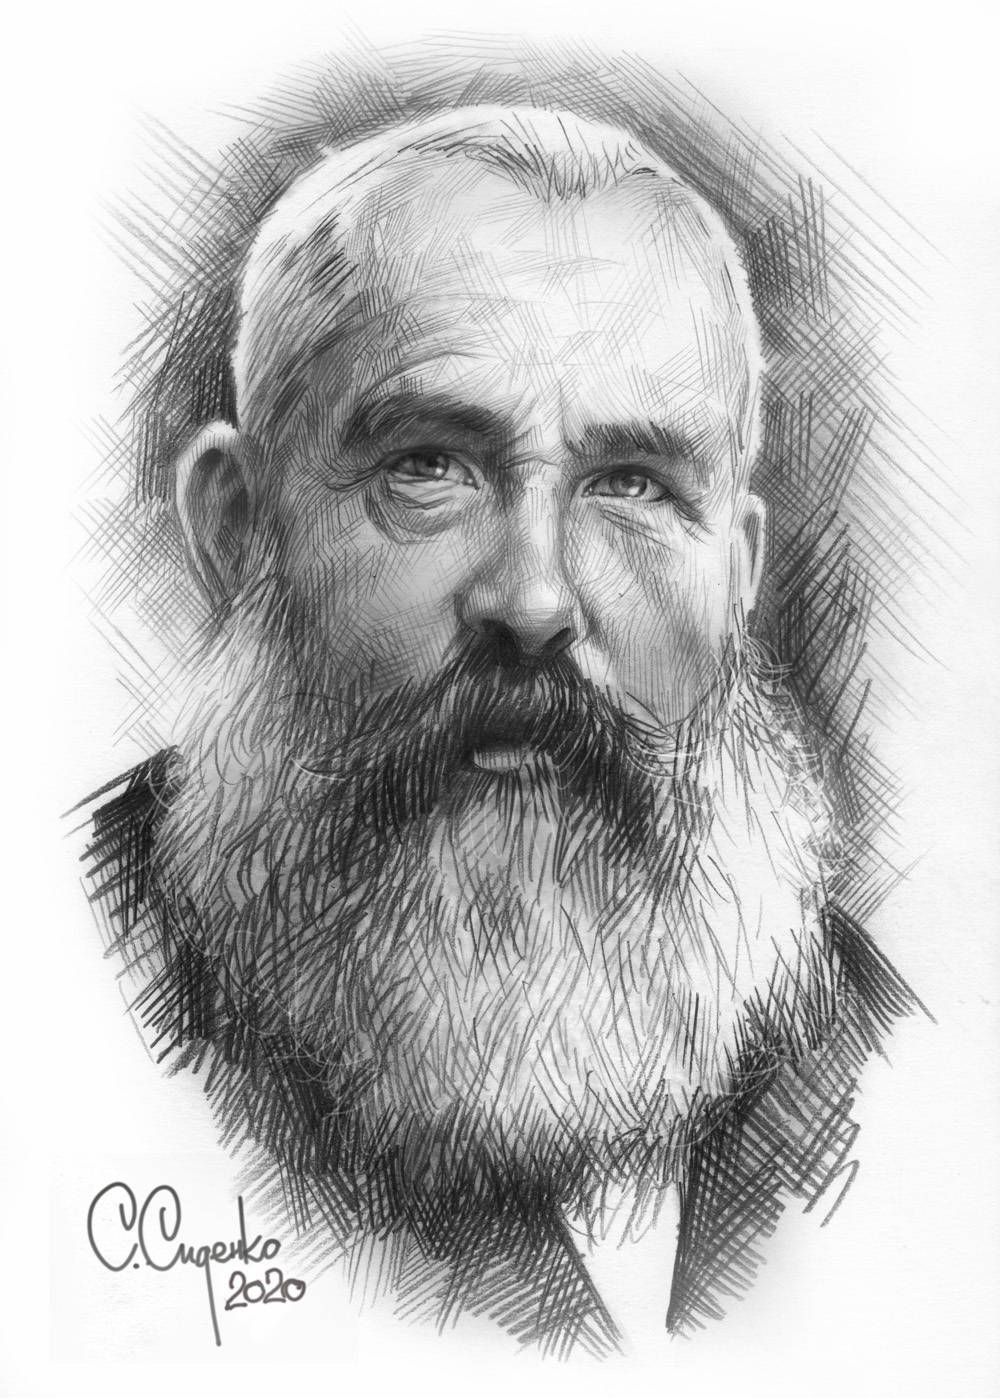 Оска́р Клод Моне́ (фр. Oscar-Claude Monet; 14 ноября 1840, Париж, Франция — 5 декабря 1926, Живерни, Франция) — французский живописец, один из основателей импрессионизма. (Wikipedia)